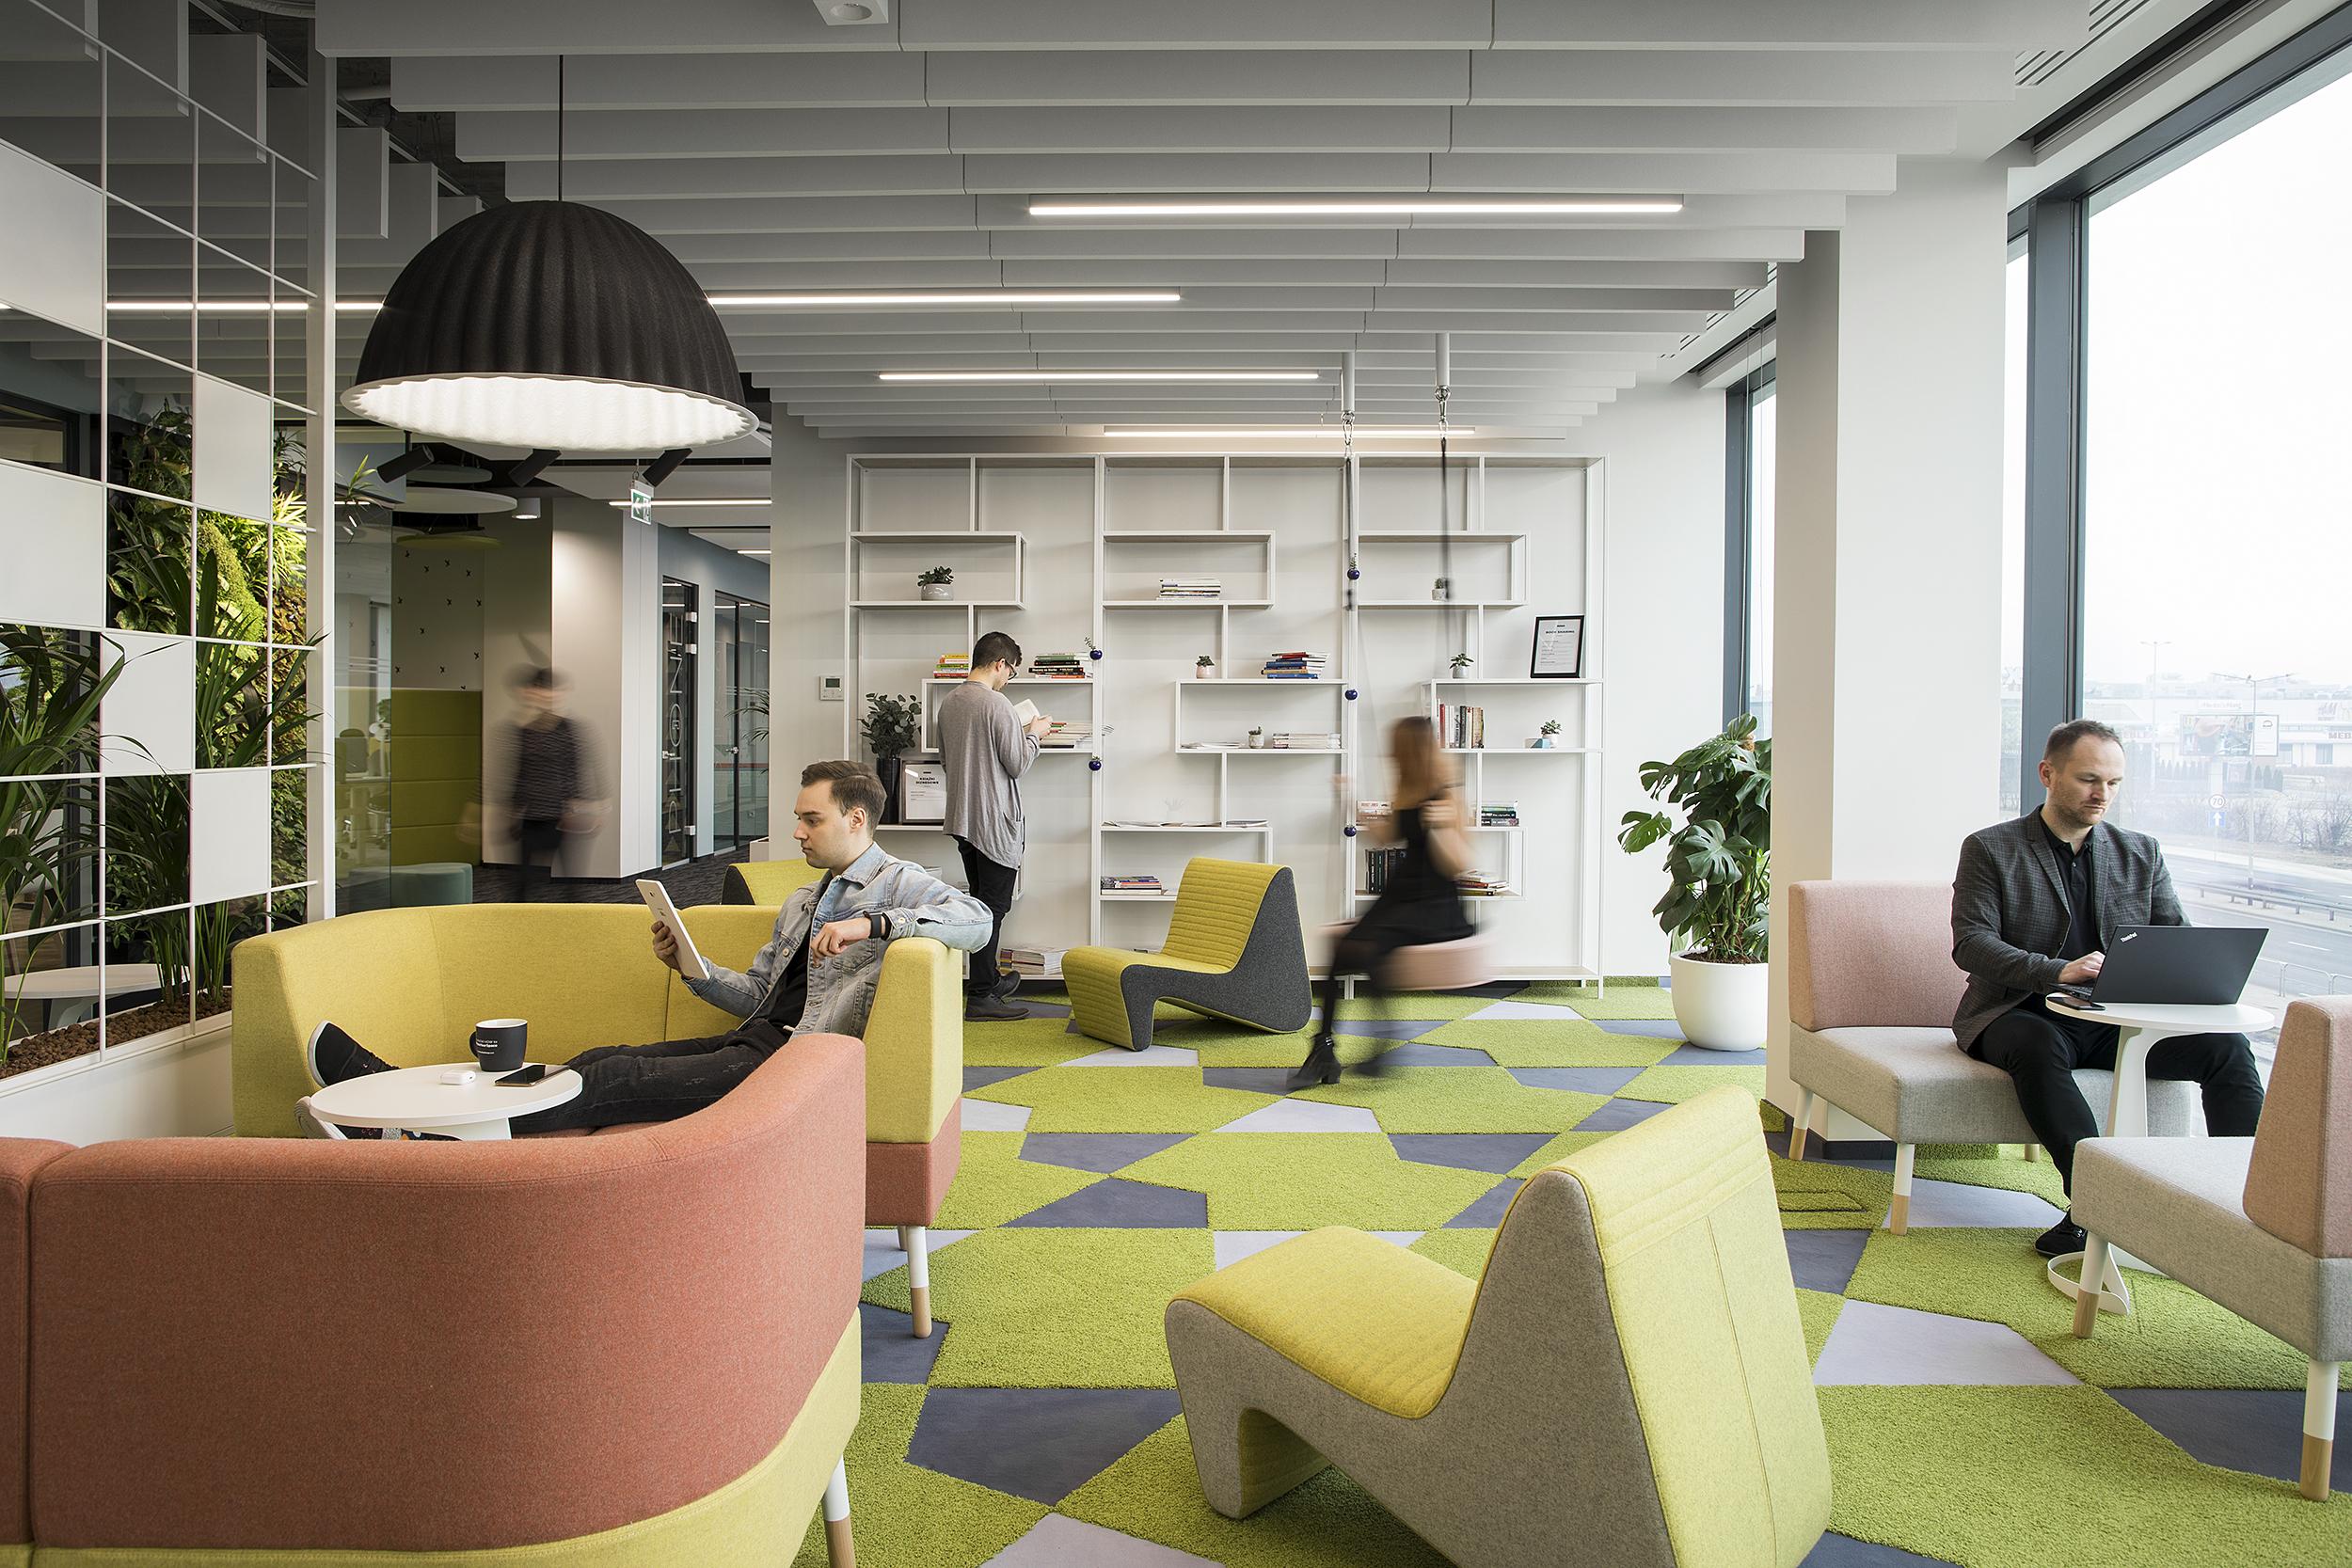 Grupa Nowy Styl to międzynarodowa firma produkująca meble. Siedziba firmy mieści się w Krakowie. (fot. Grupa Nowy Styl/materiały prasowe)